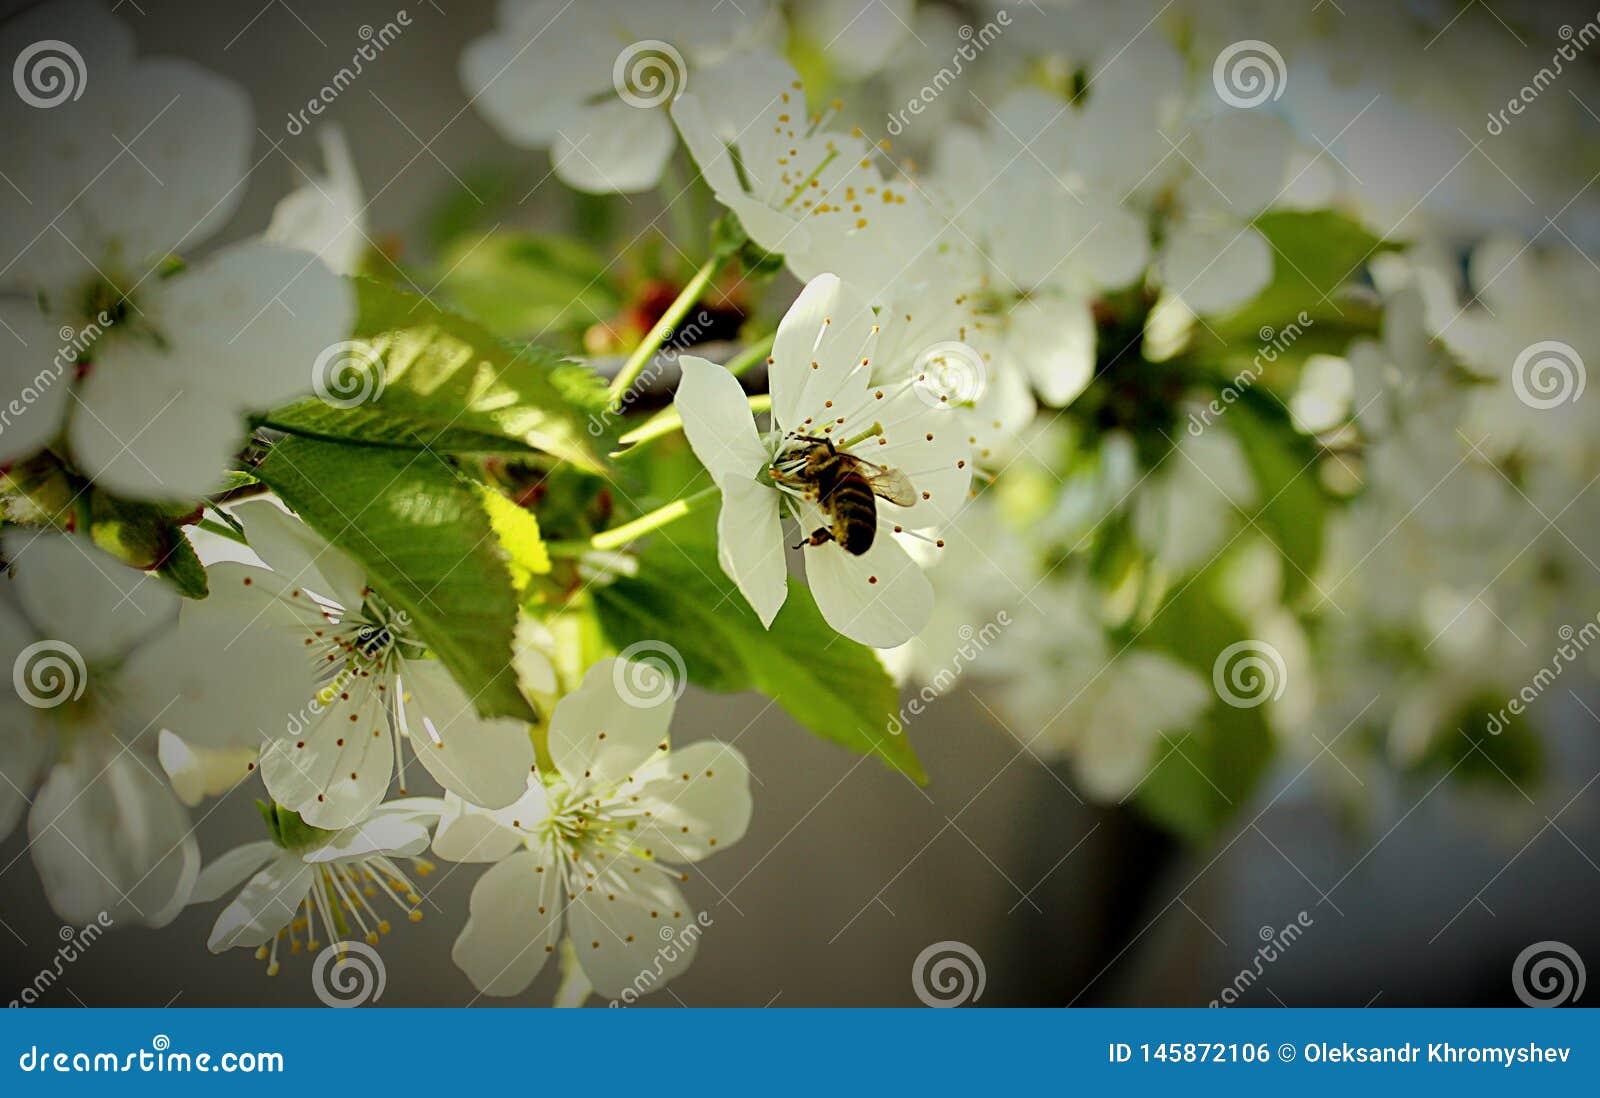 Körsbärsröda blomningar utan bin vilar inte arbete hela dagen